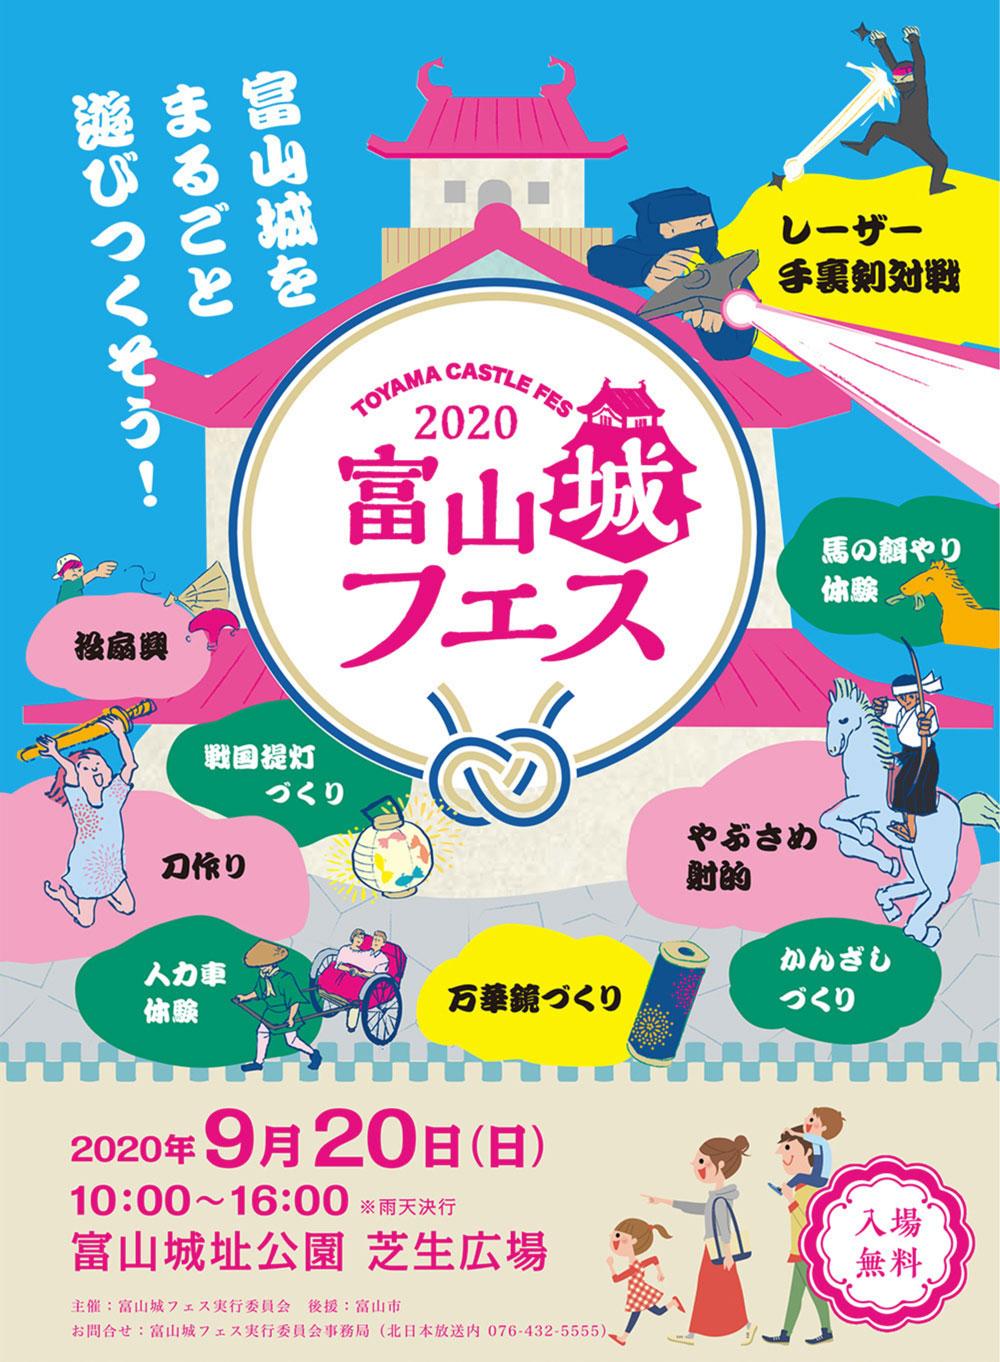 【富山城フェス2020】忍者、やぶさめ、レーザー手裏剣【入場無料】